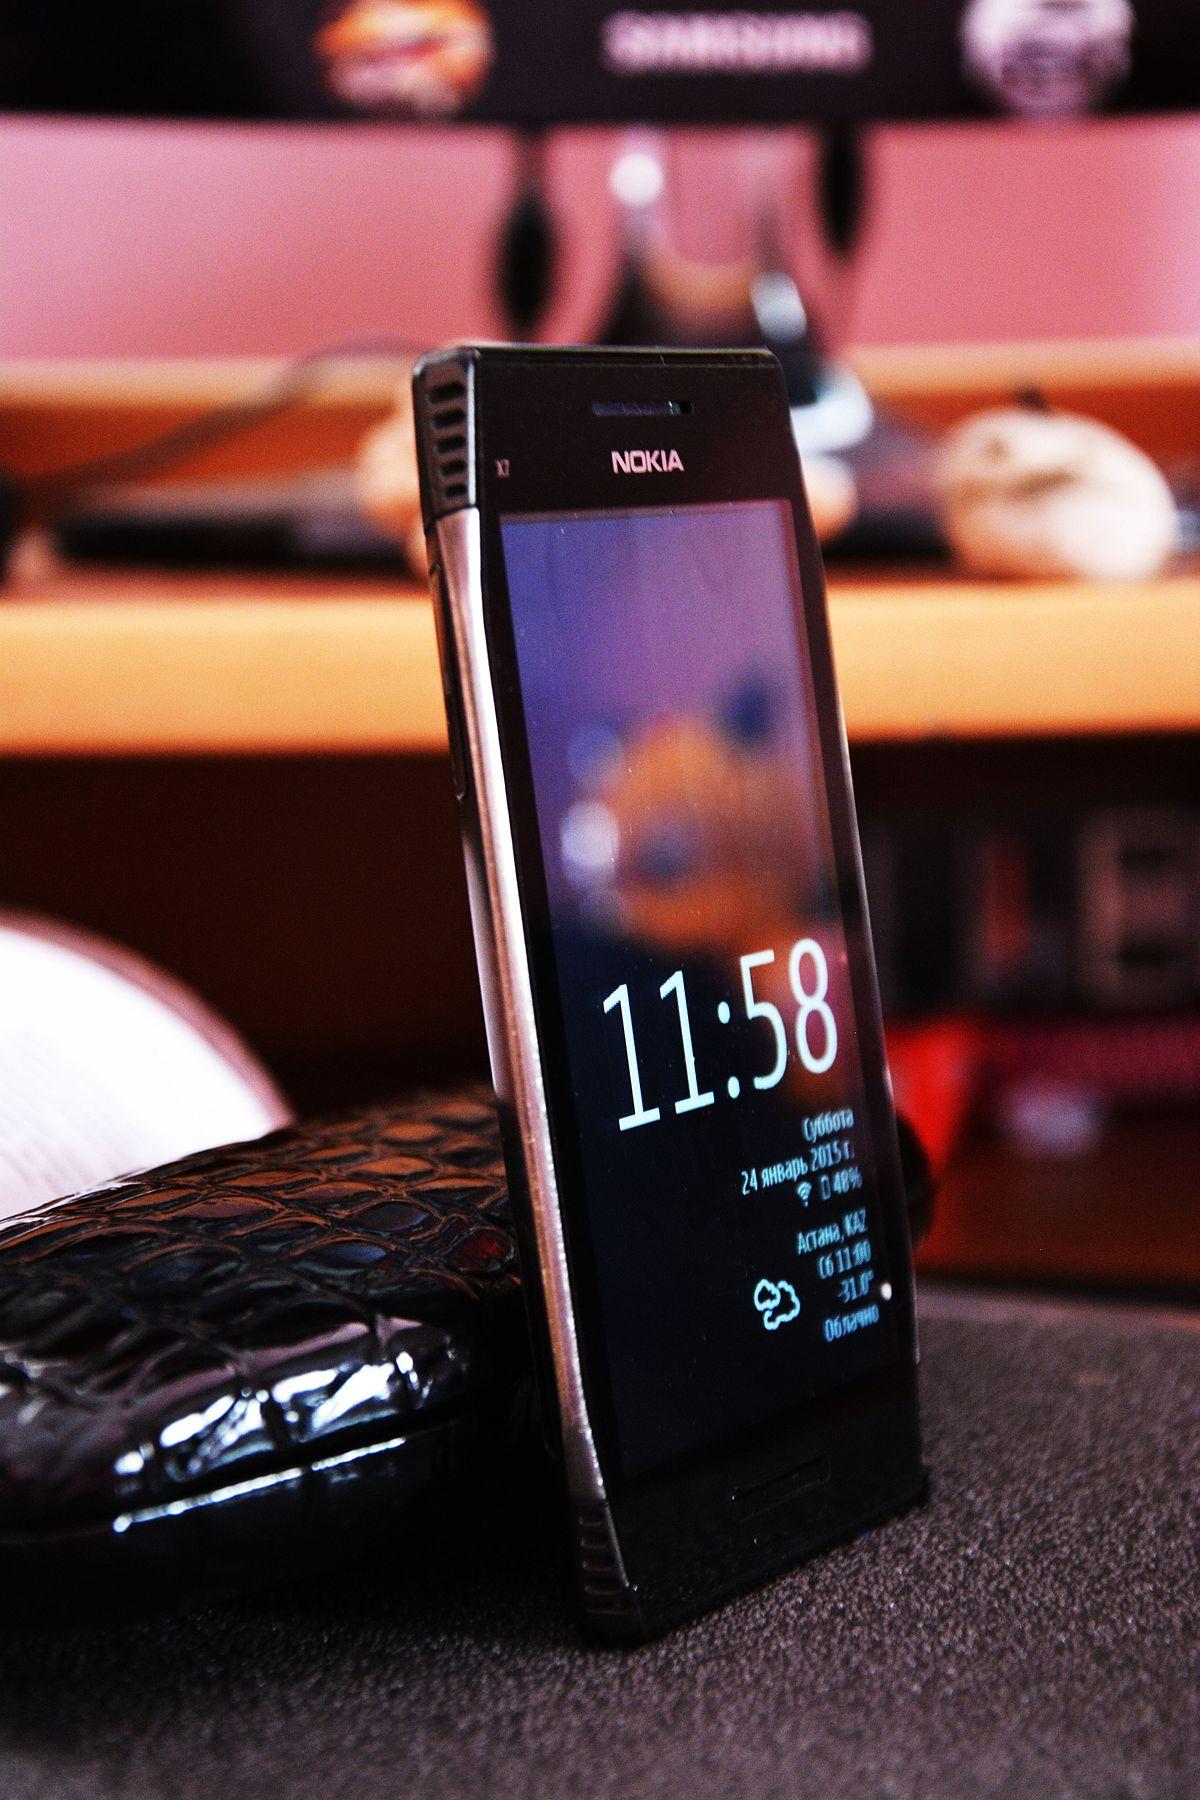 Nokia x7 00 software - Nokia X7 00 Software 34